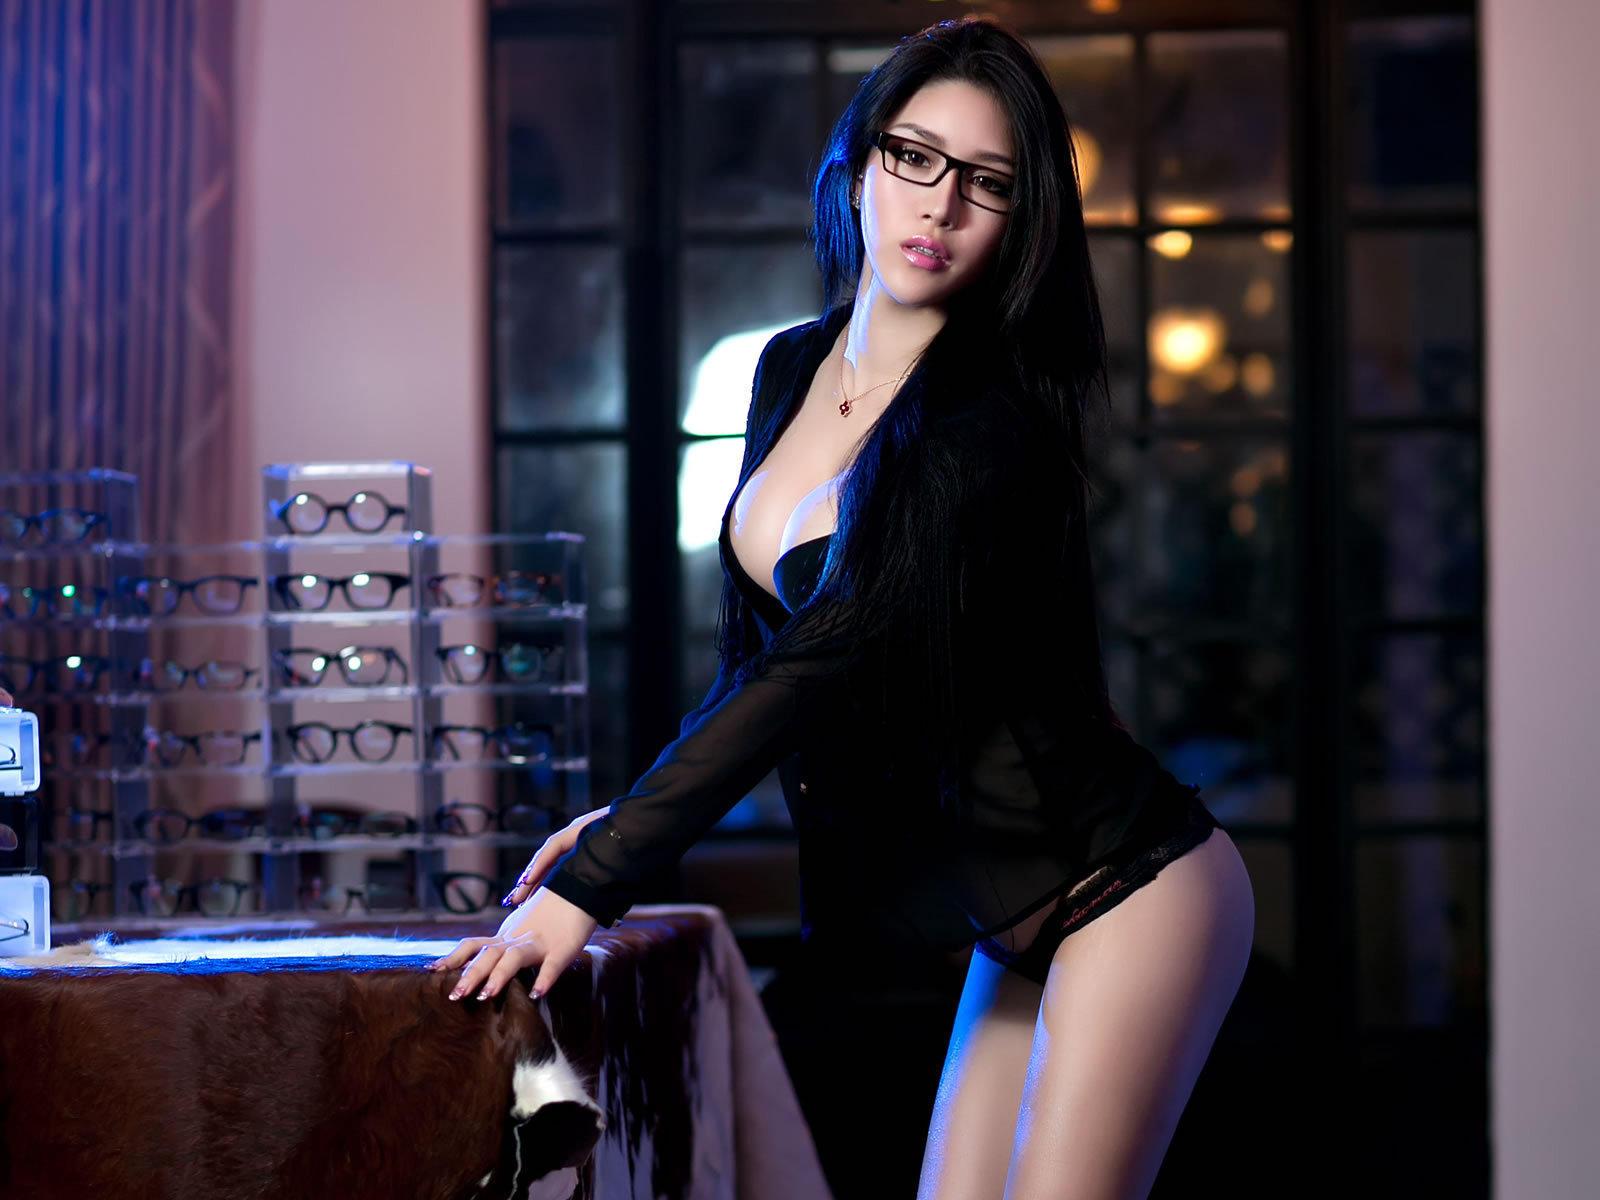 性感爆乳眼镜娘私房写真高清壁纸